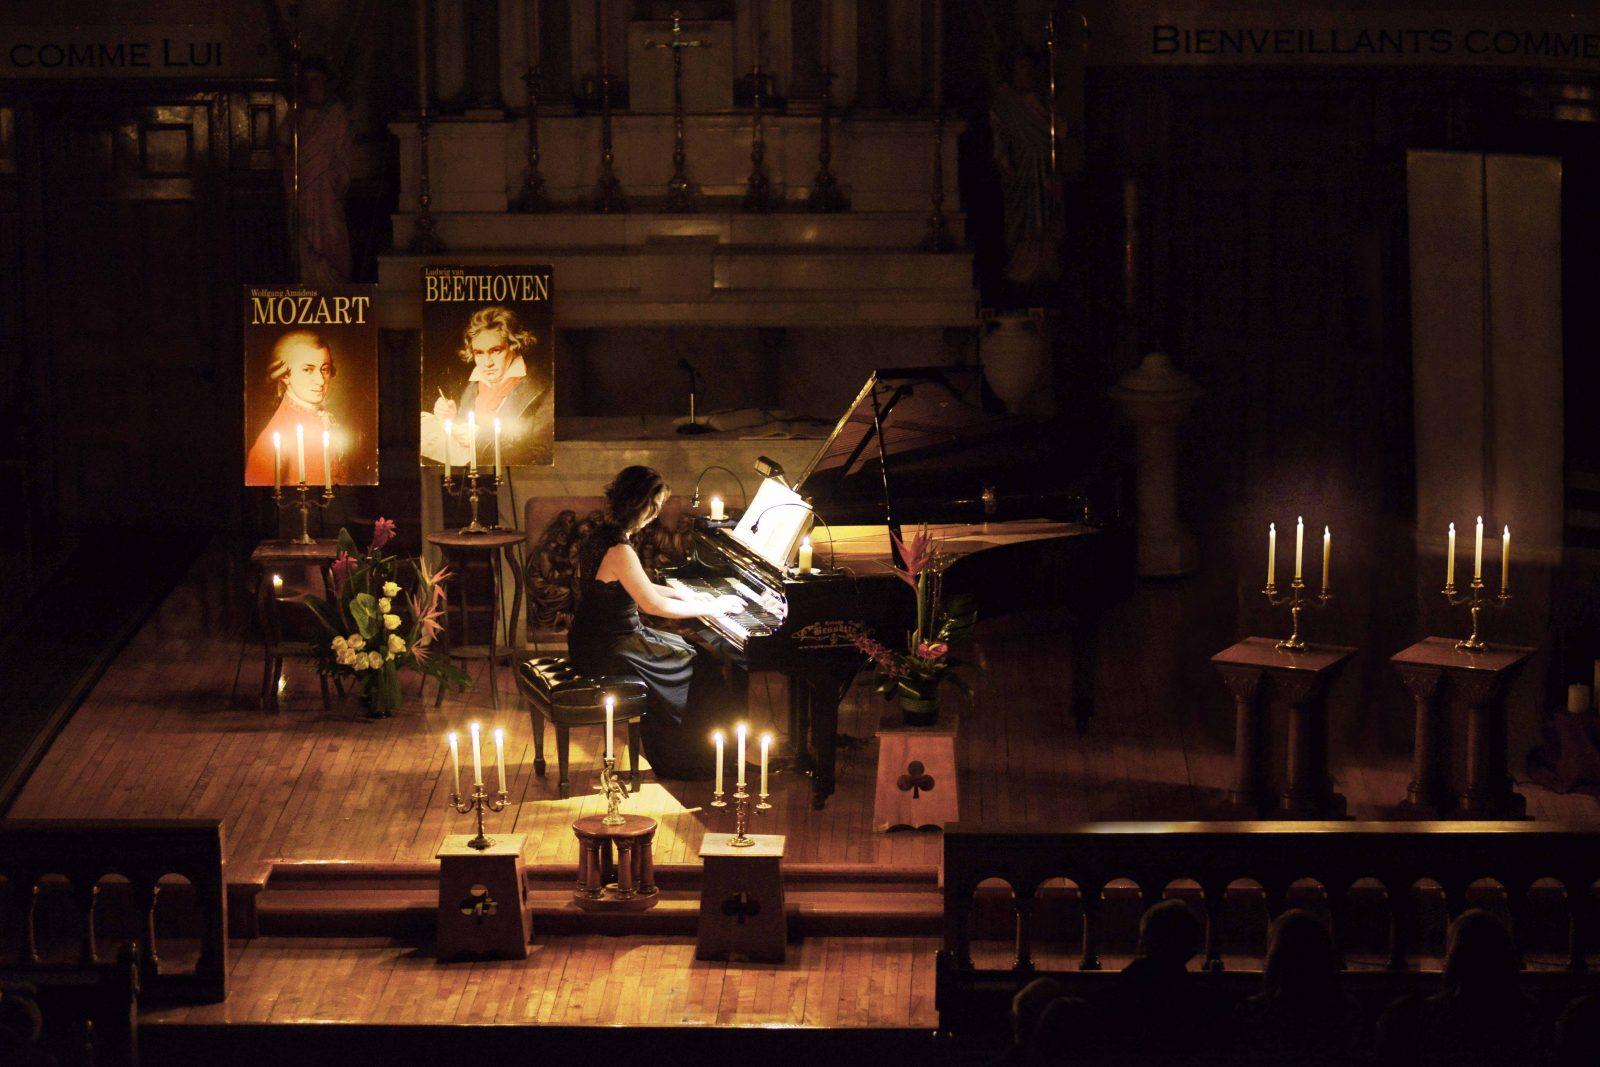 Cathédrale de la Nativité to host Mozart, Beethoven recital